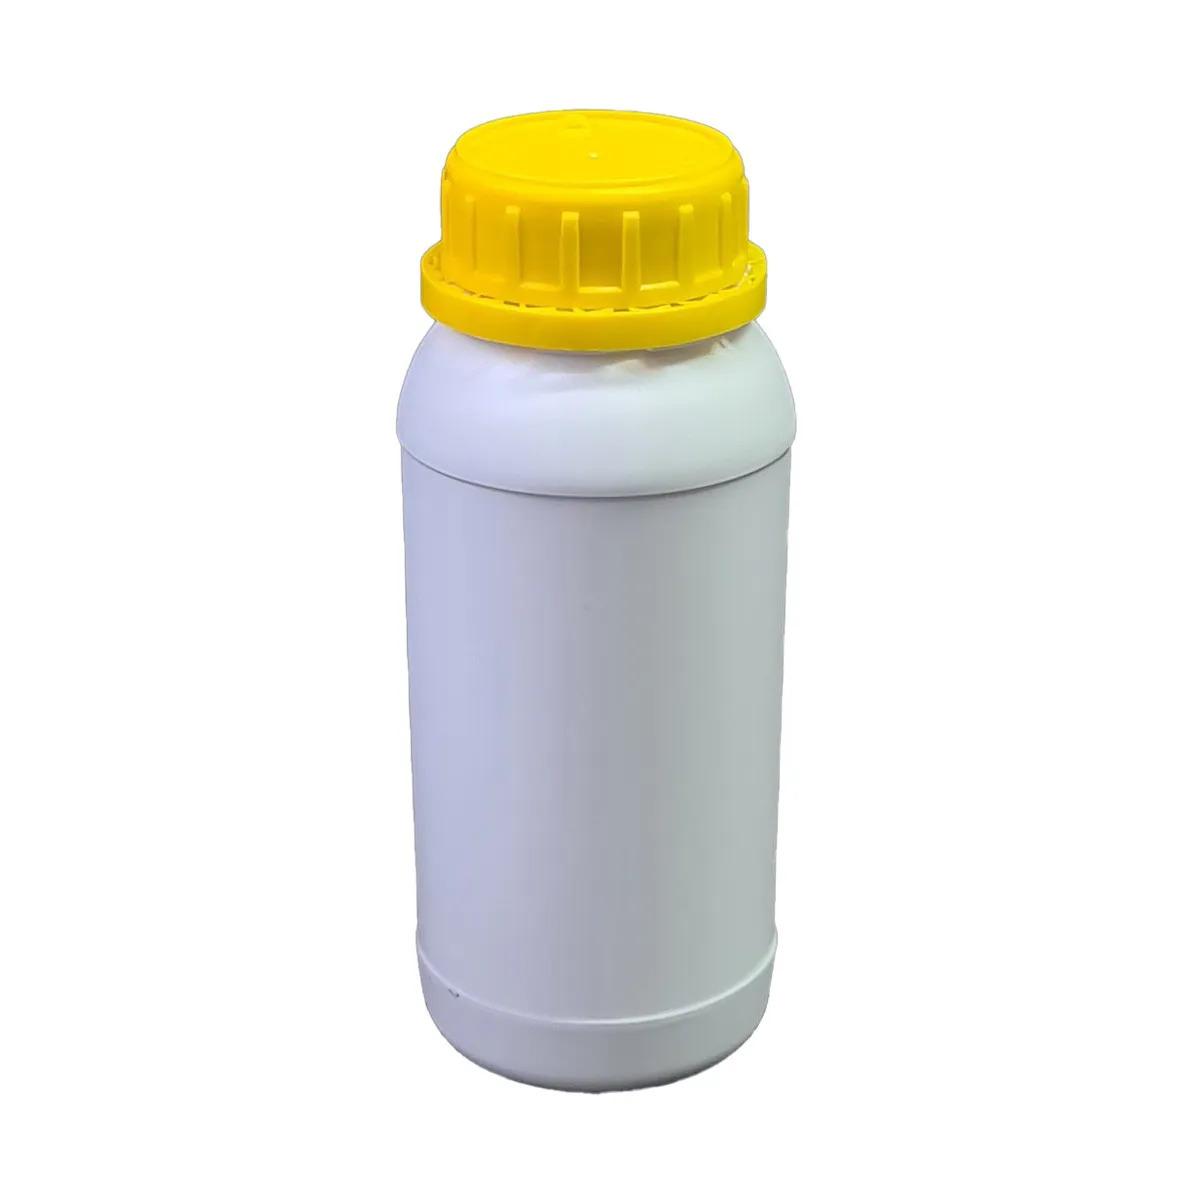 500ml de Tinta Amarela para Recarga de Cartuchos Epson